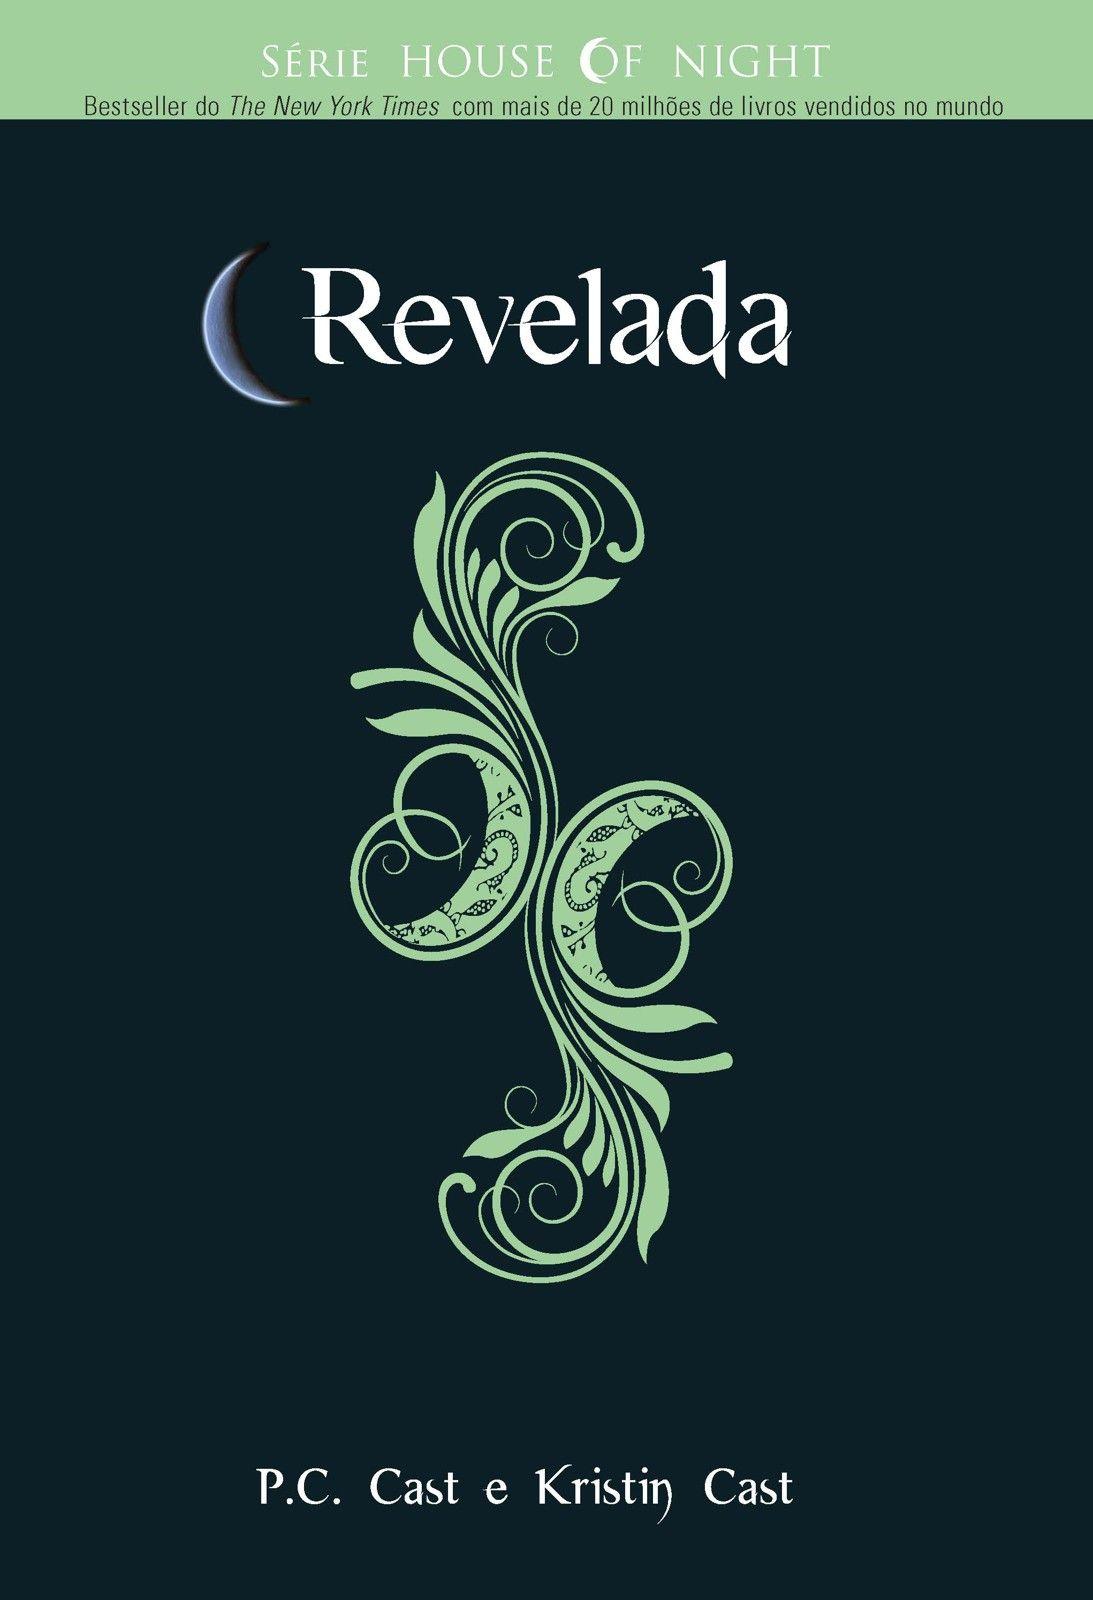 Baixar Livro Revelada  House Of Night Vol 11  P C Cast Em Pdf, Mobi